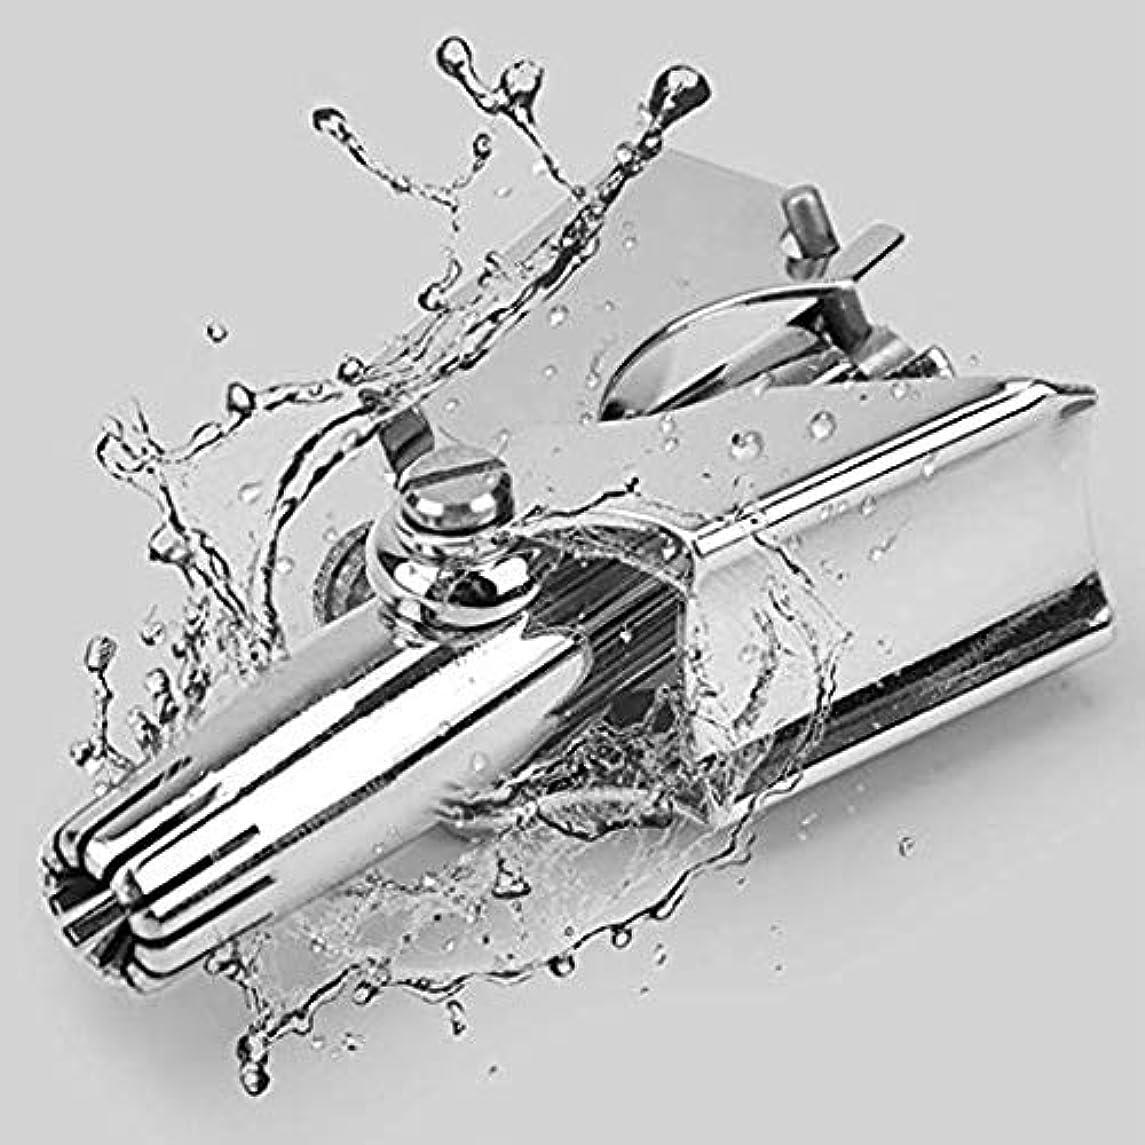 人生を作る泥沼仕事耳と鼻の毛トリマー、男性と女性のための手動鼻毛トリマー、完璧なステンレス鋼の鼻トリマーはさみ-シルバー(バッテリー不要) (Color : Silver)